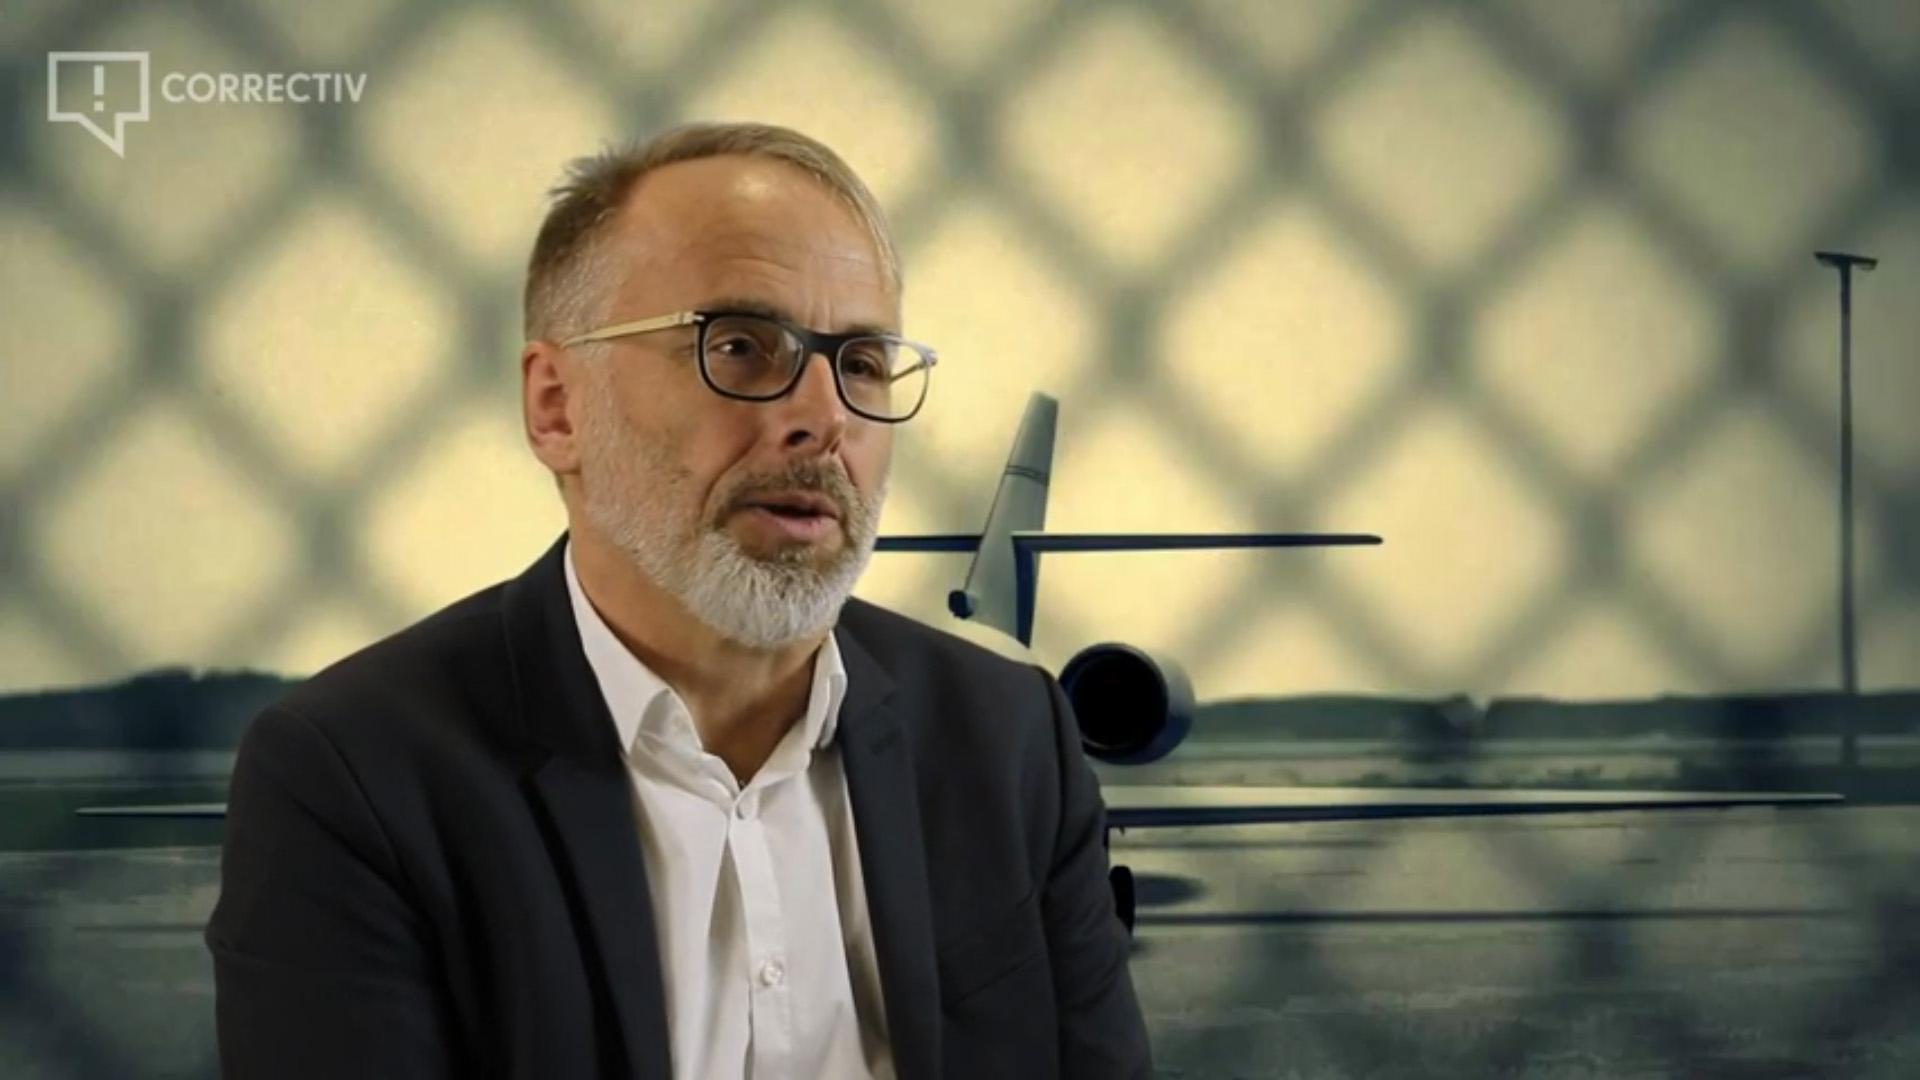 geschaftsgeheimnisse-und-cumex-staatsanwaltschaft-ermittelt-gegen-correctiv-chefredakteur